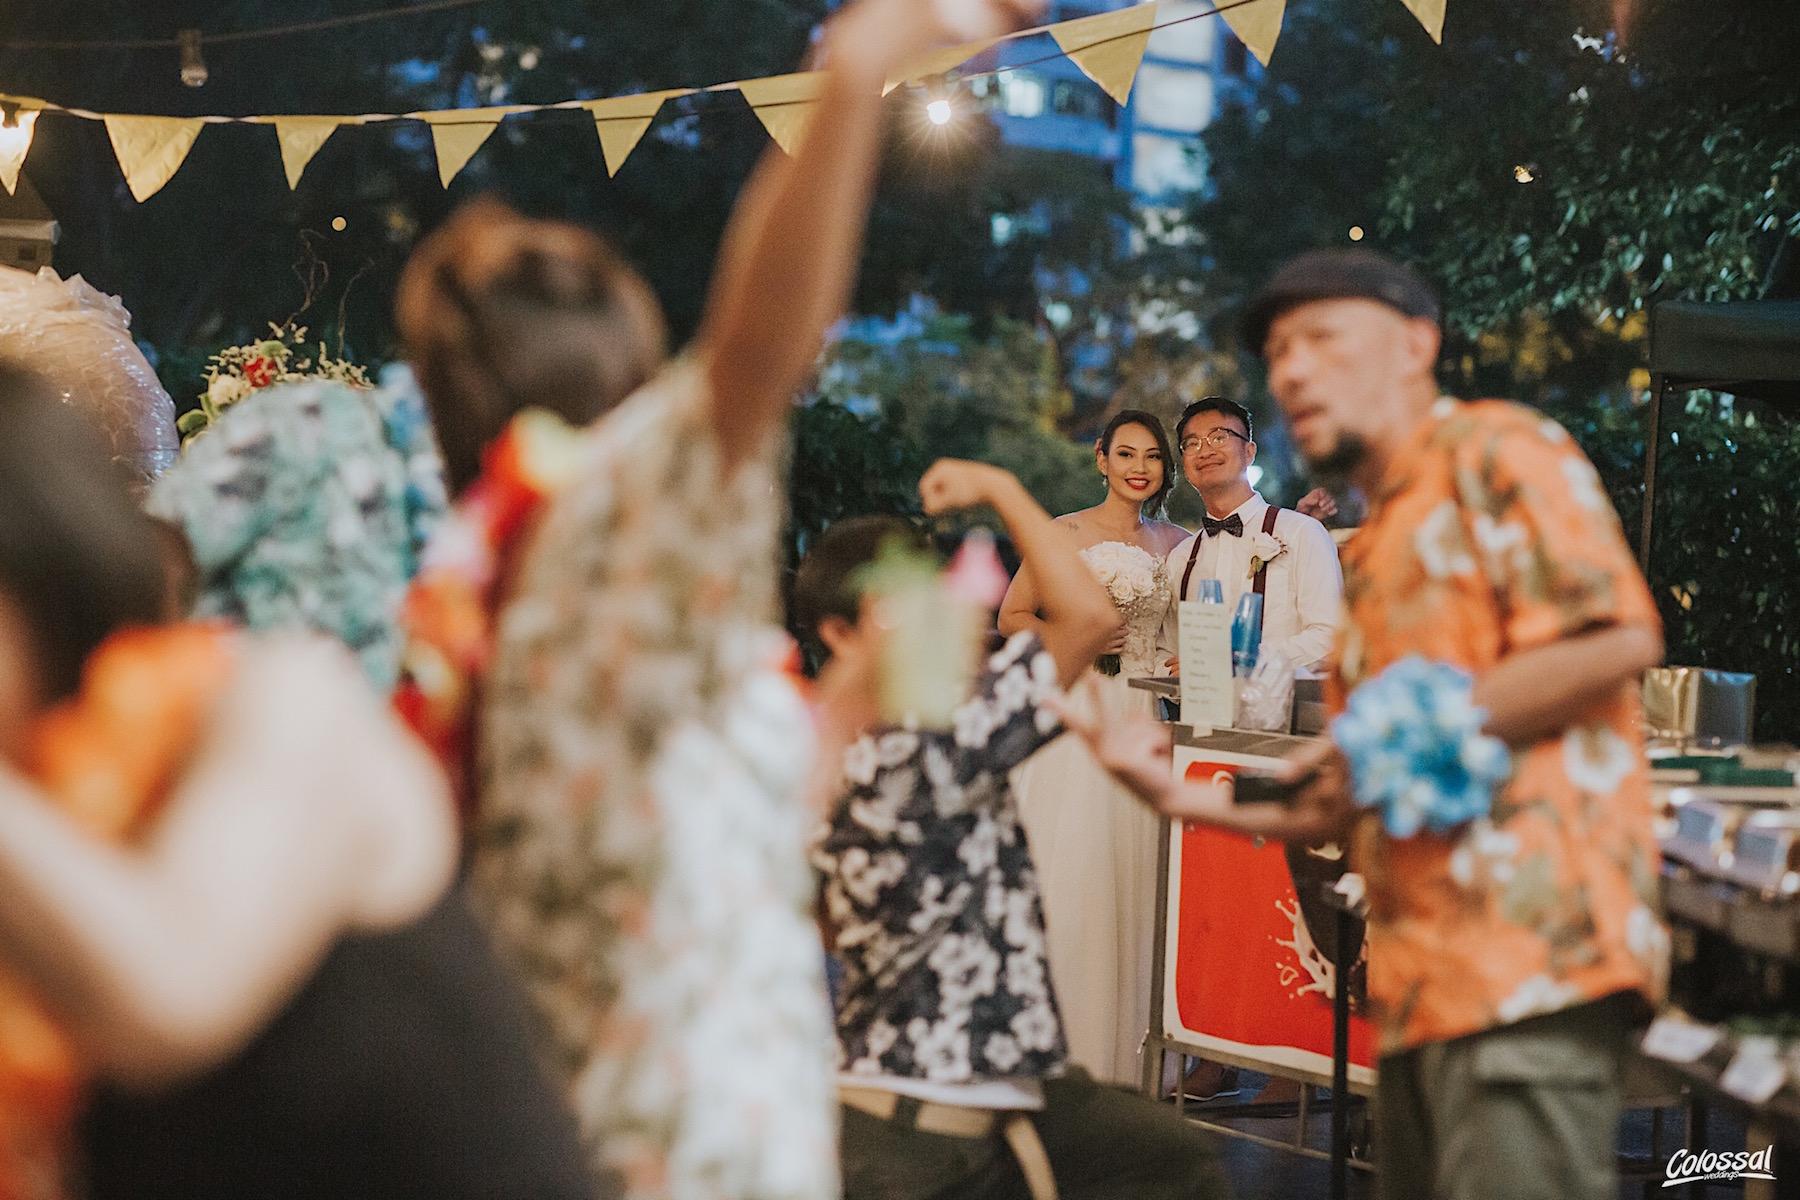 MartinChanel_ColossalWeddings064_WeddingParty.jpg